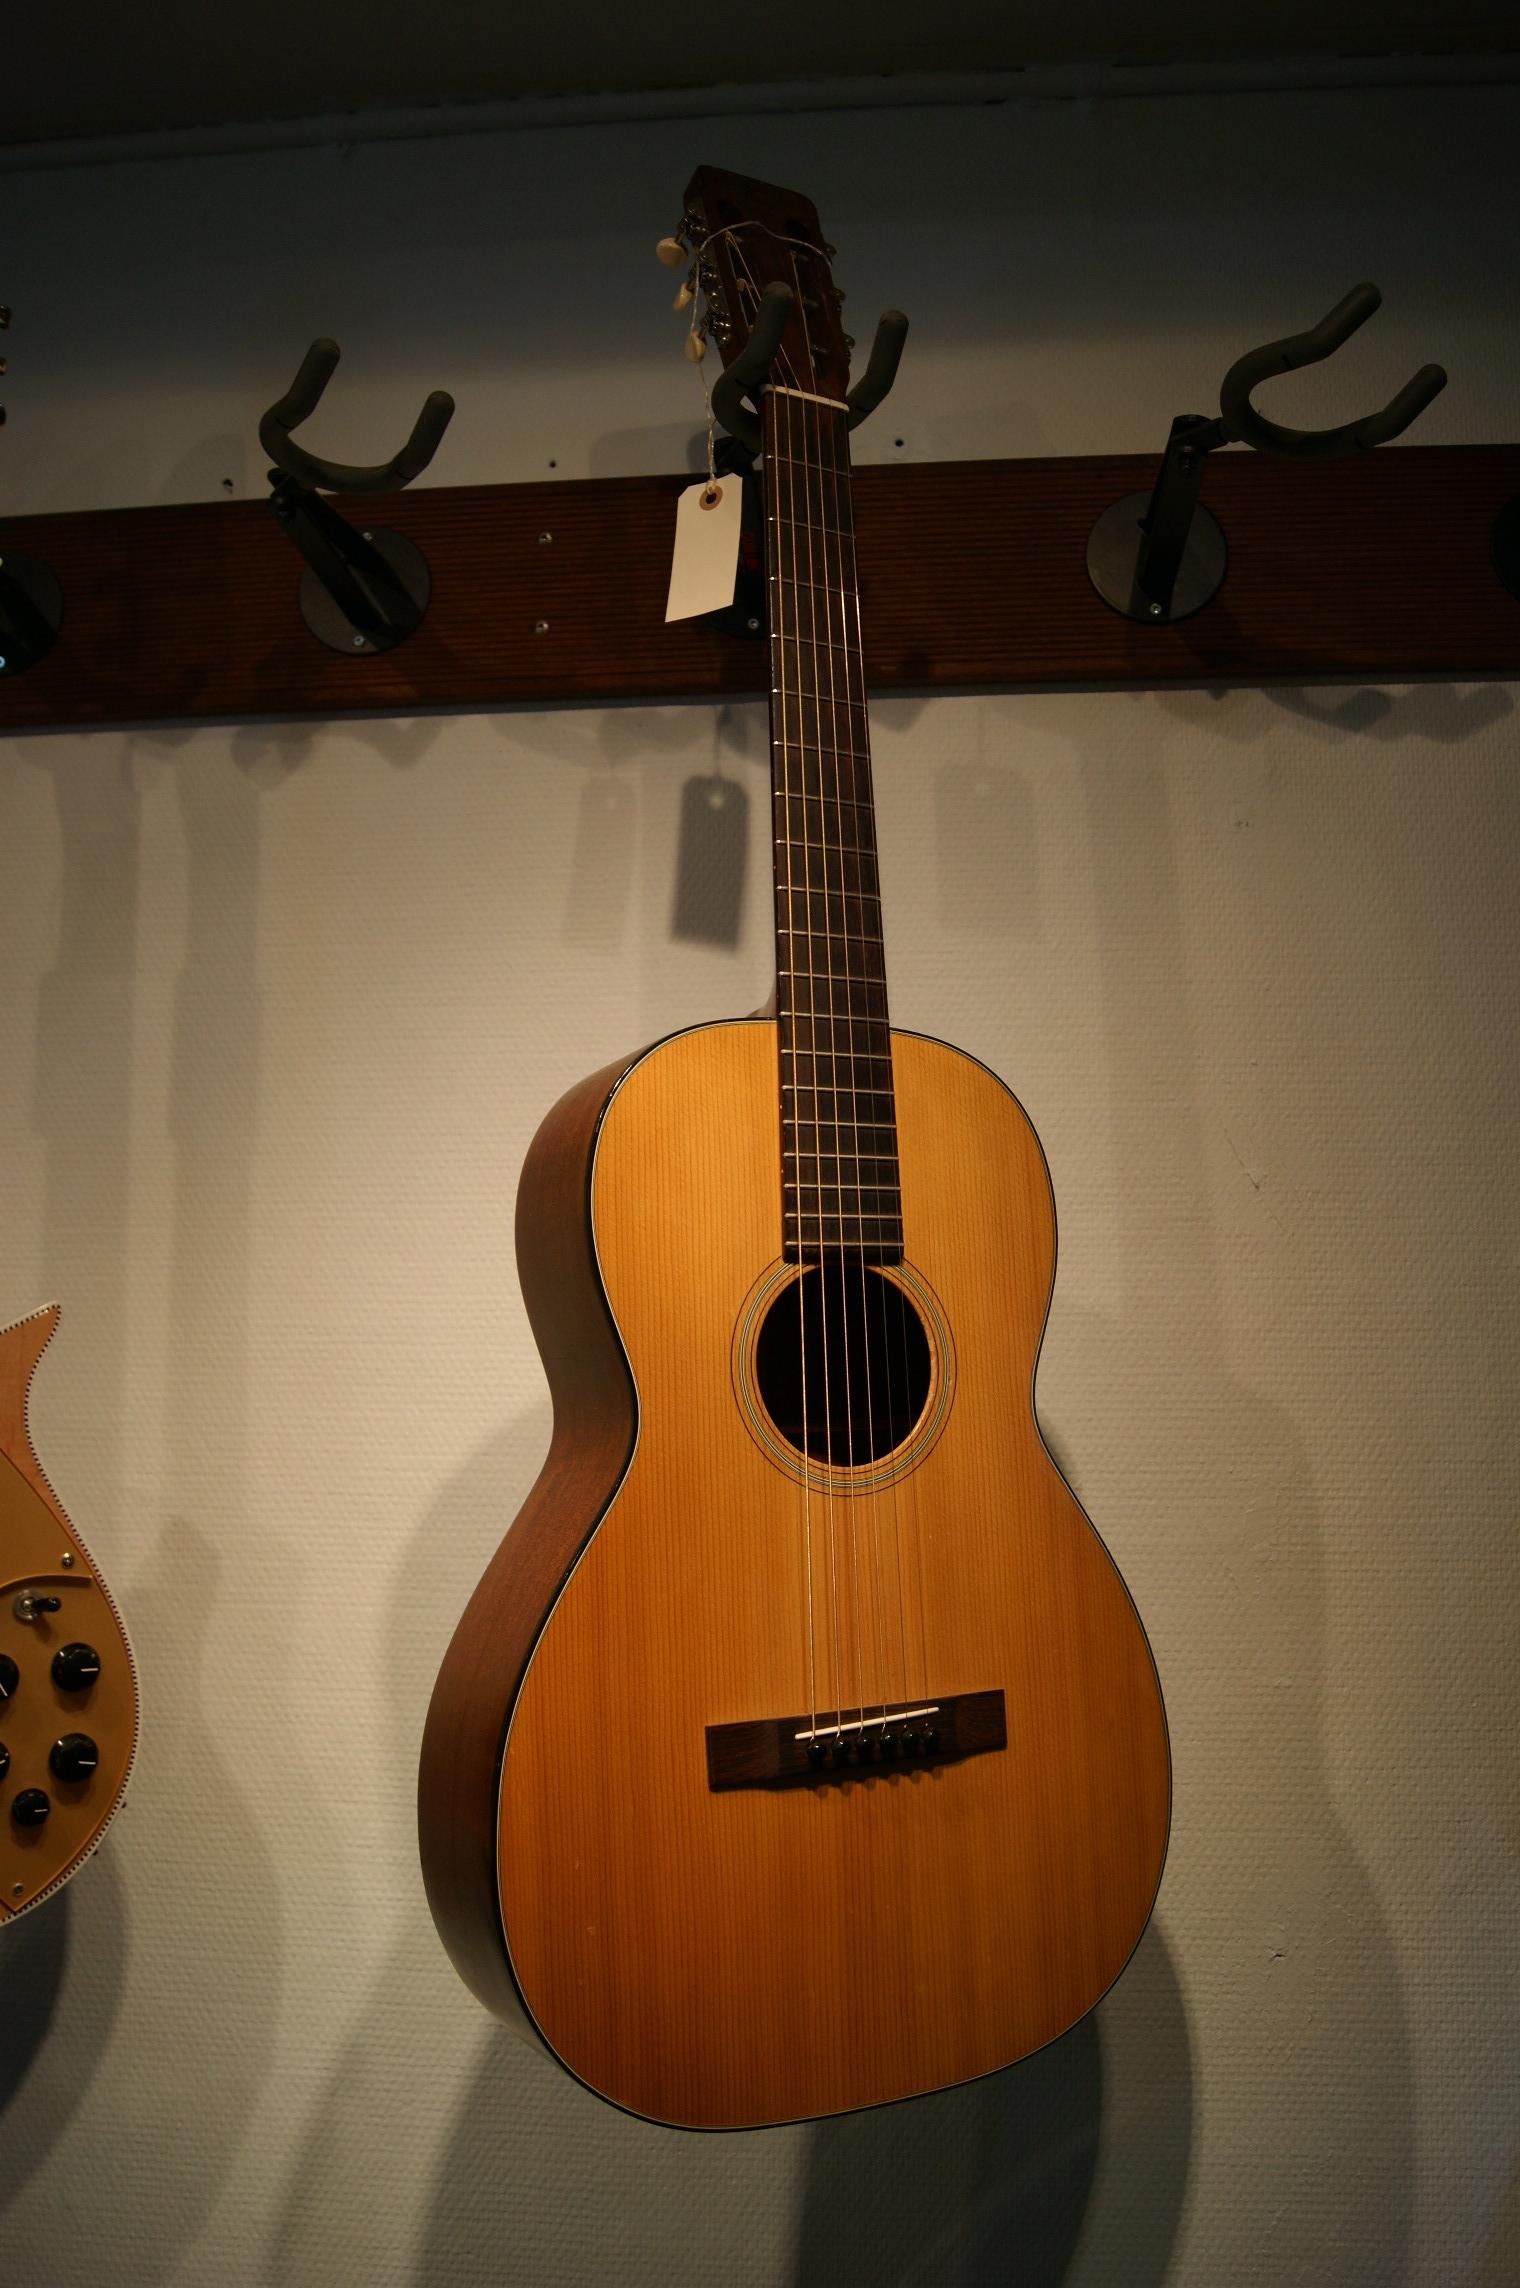 martin 016 ny 1967 natural guitar for sale instrumentshoppen. Black Bedroom Furniture Sets. Home Design Ideas